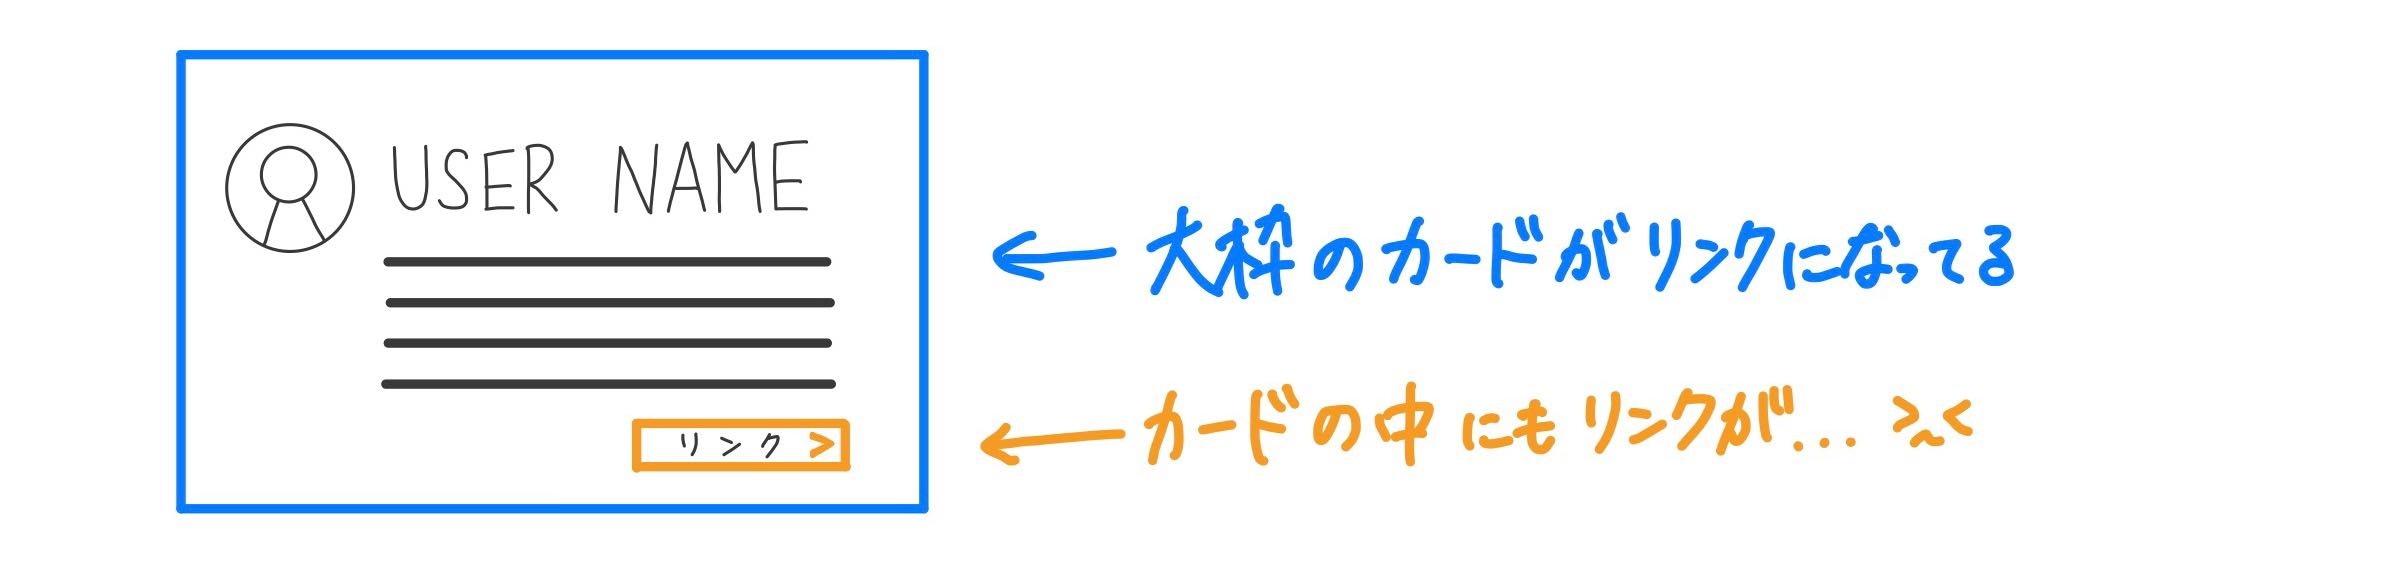 リンク範囲を説明した手書きの図